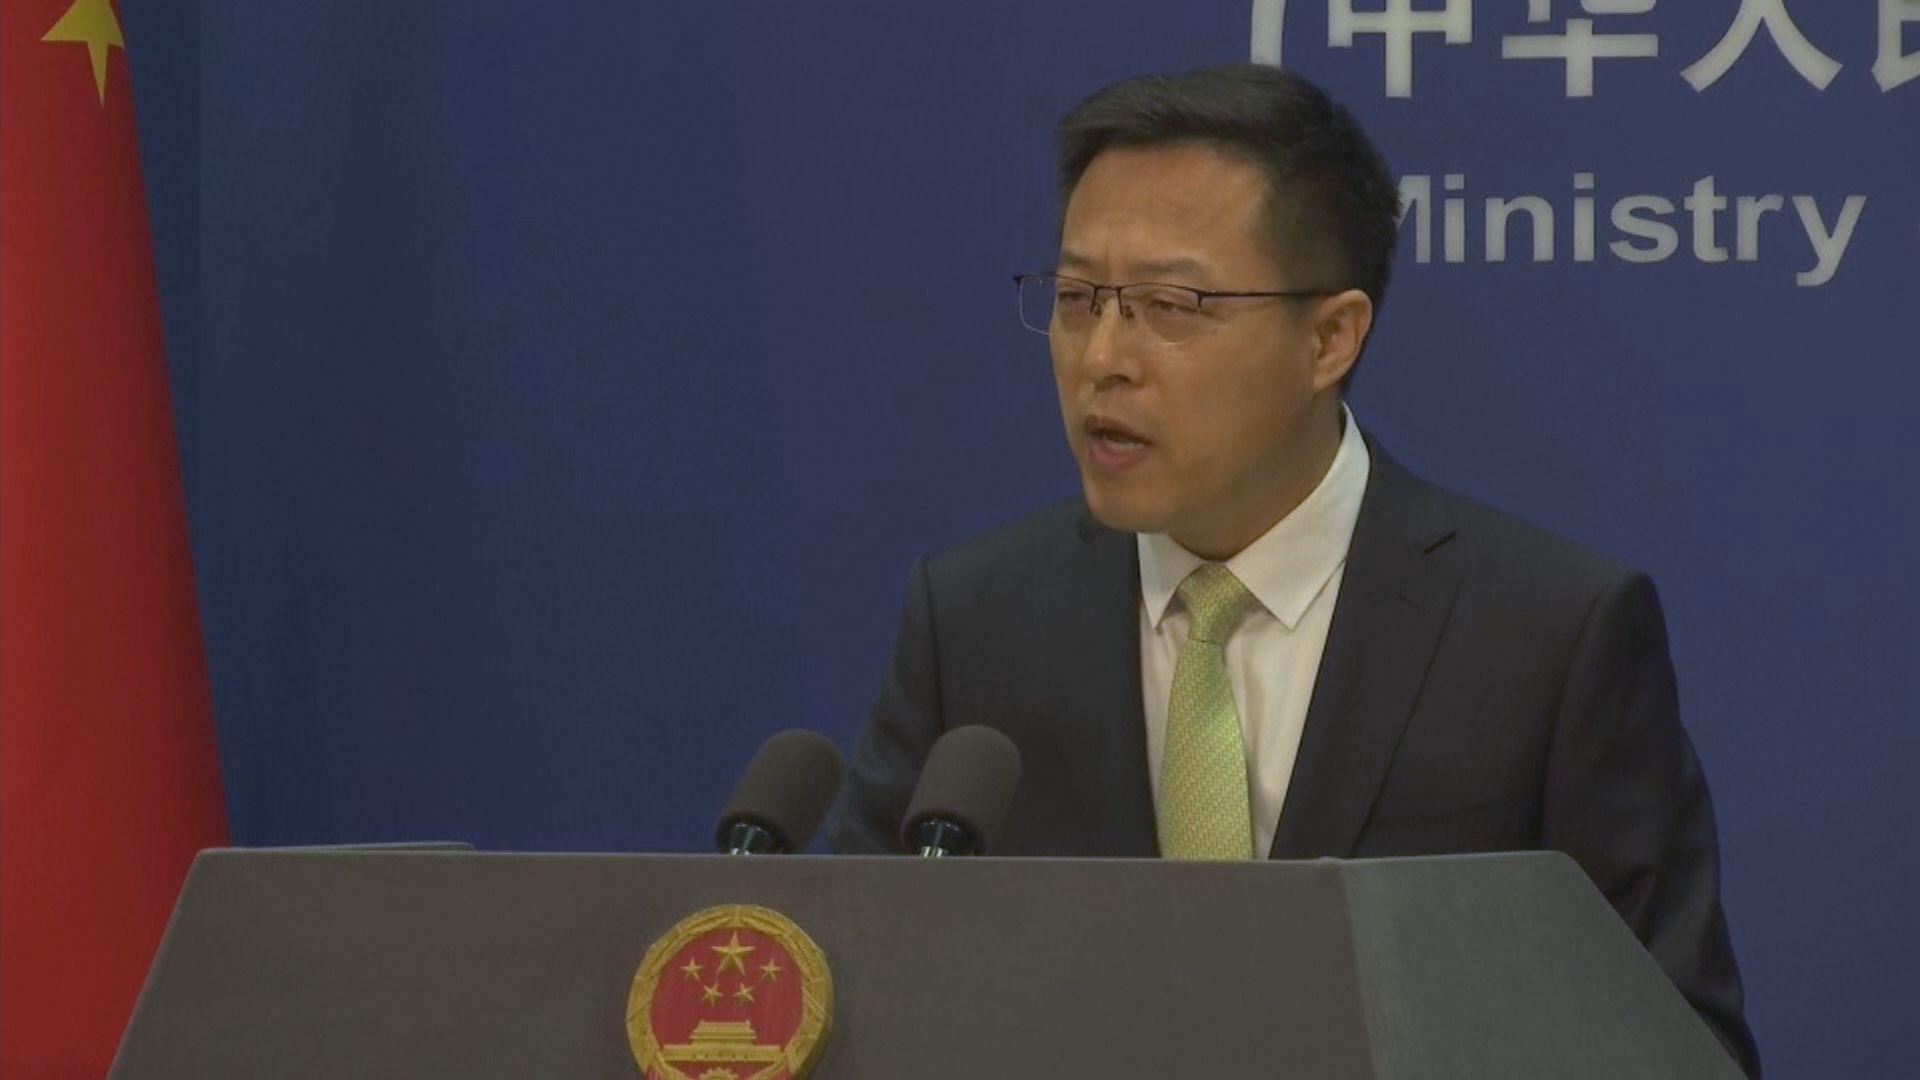 外交部批評美國違背承諾 離間區內國家和中國關係